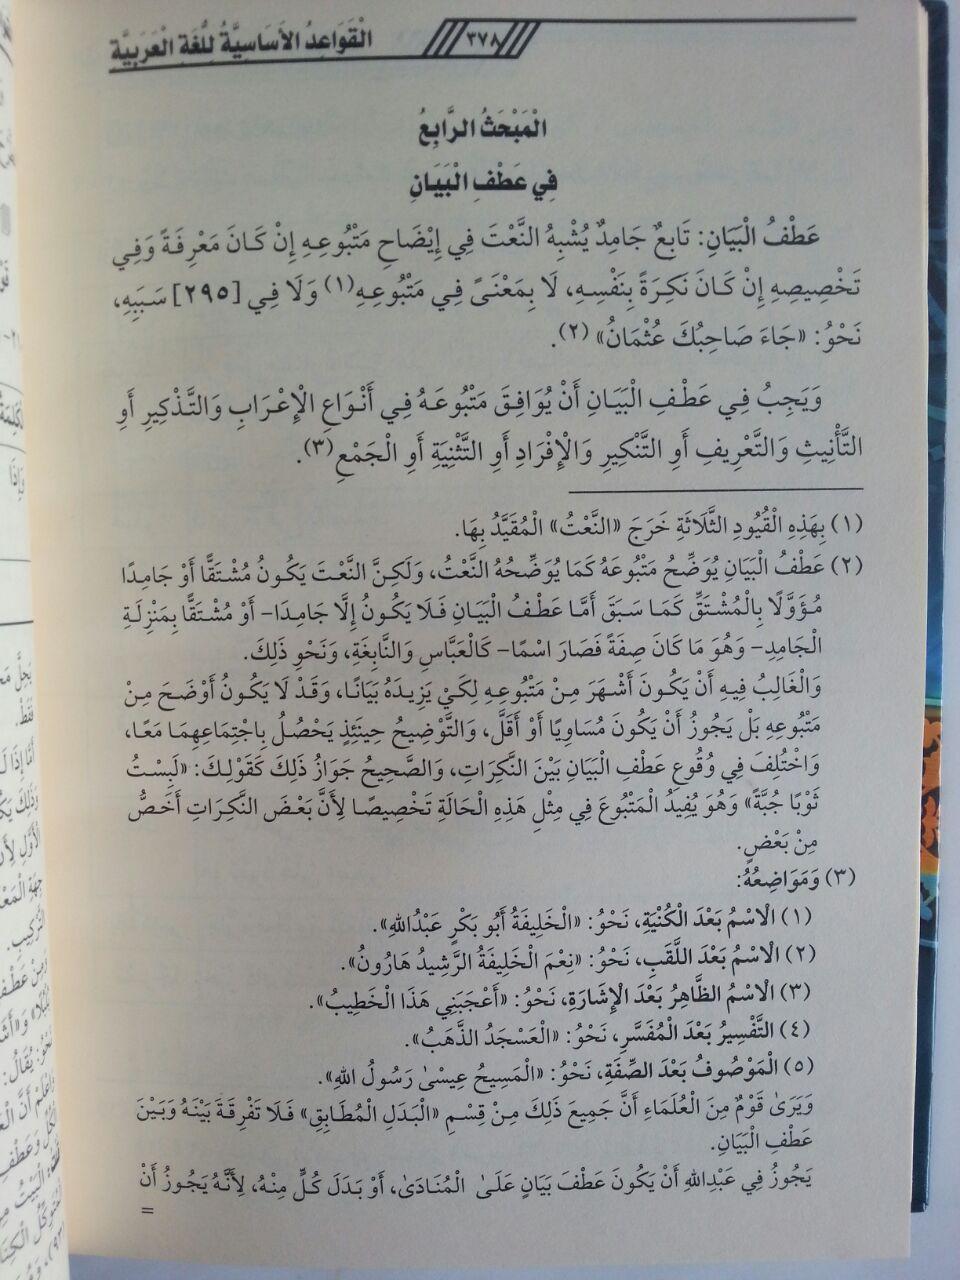 Kitab Al-Qowaid Al-Asasiyyah Lil Lughoh Al-Arabiyyah isi